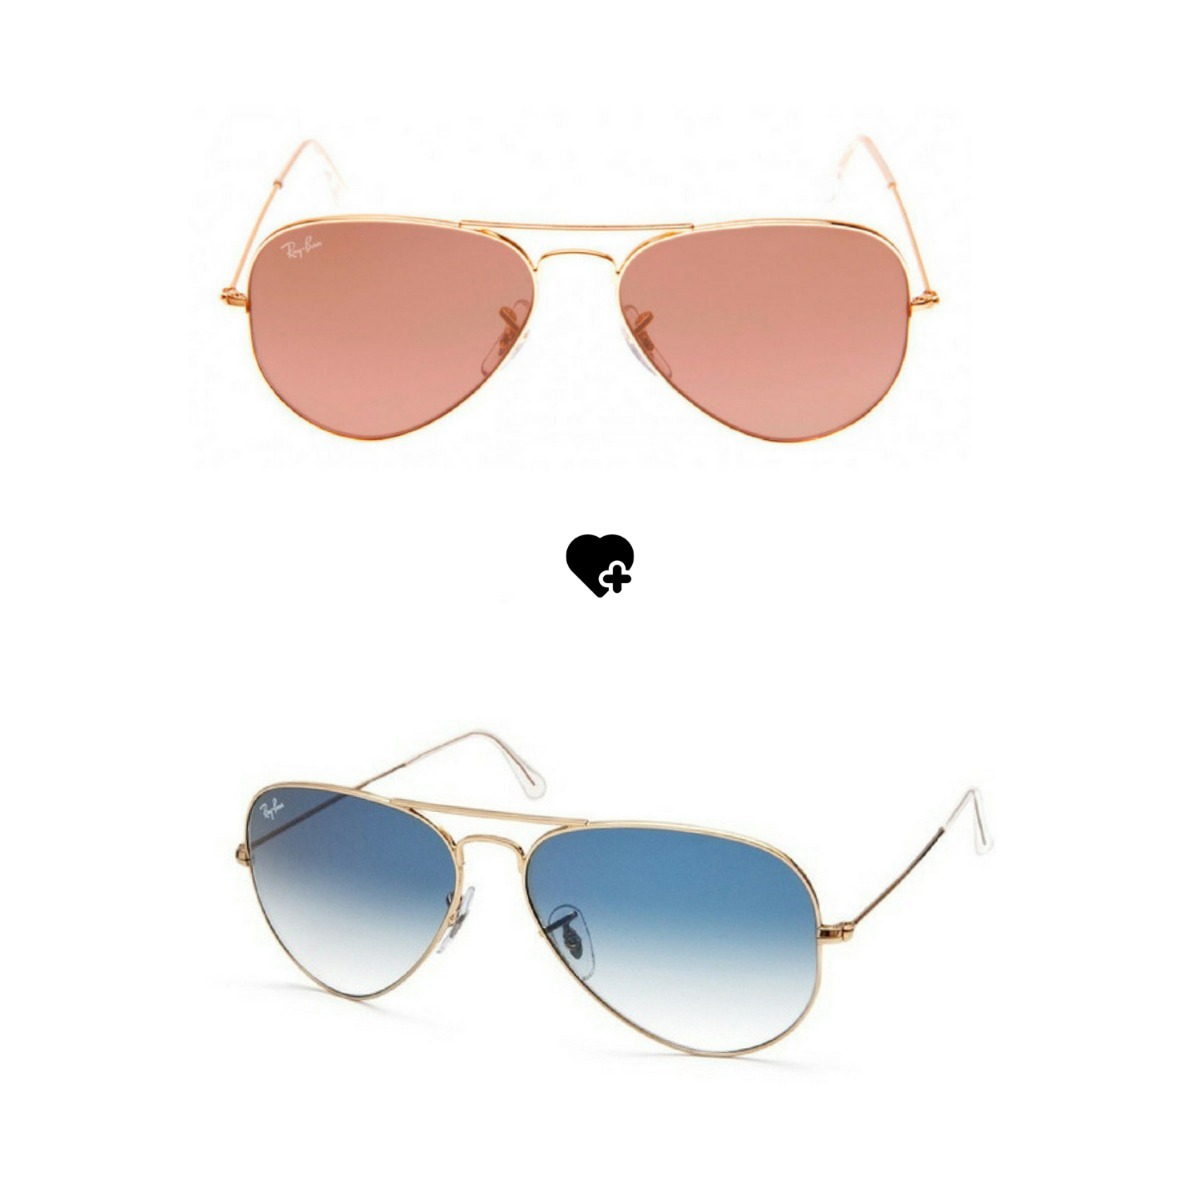 f4f5d5325 2 óculos de sol masculino - feminino aviador promoção. Carregando zoom.